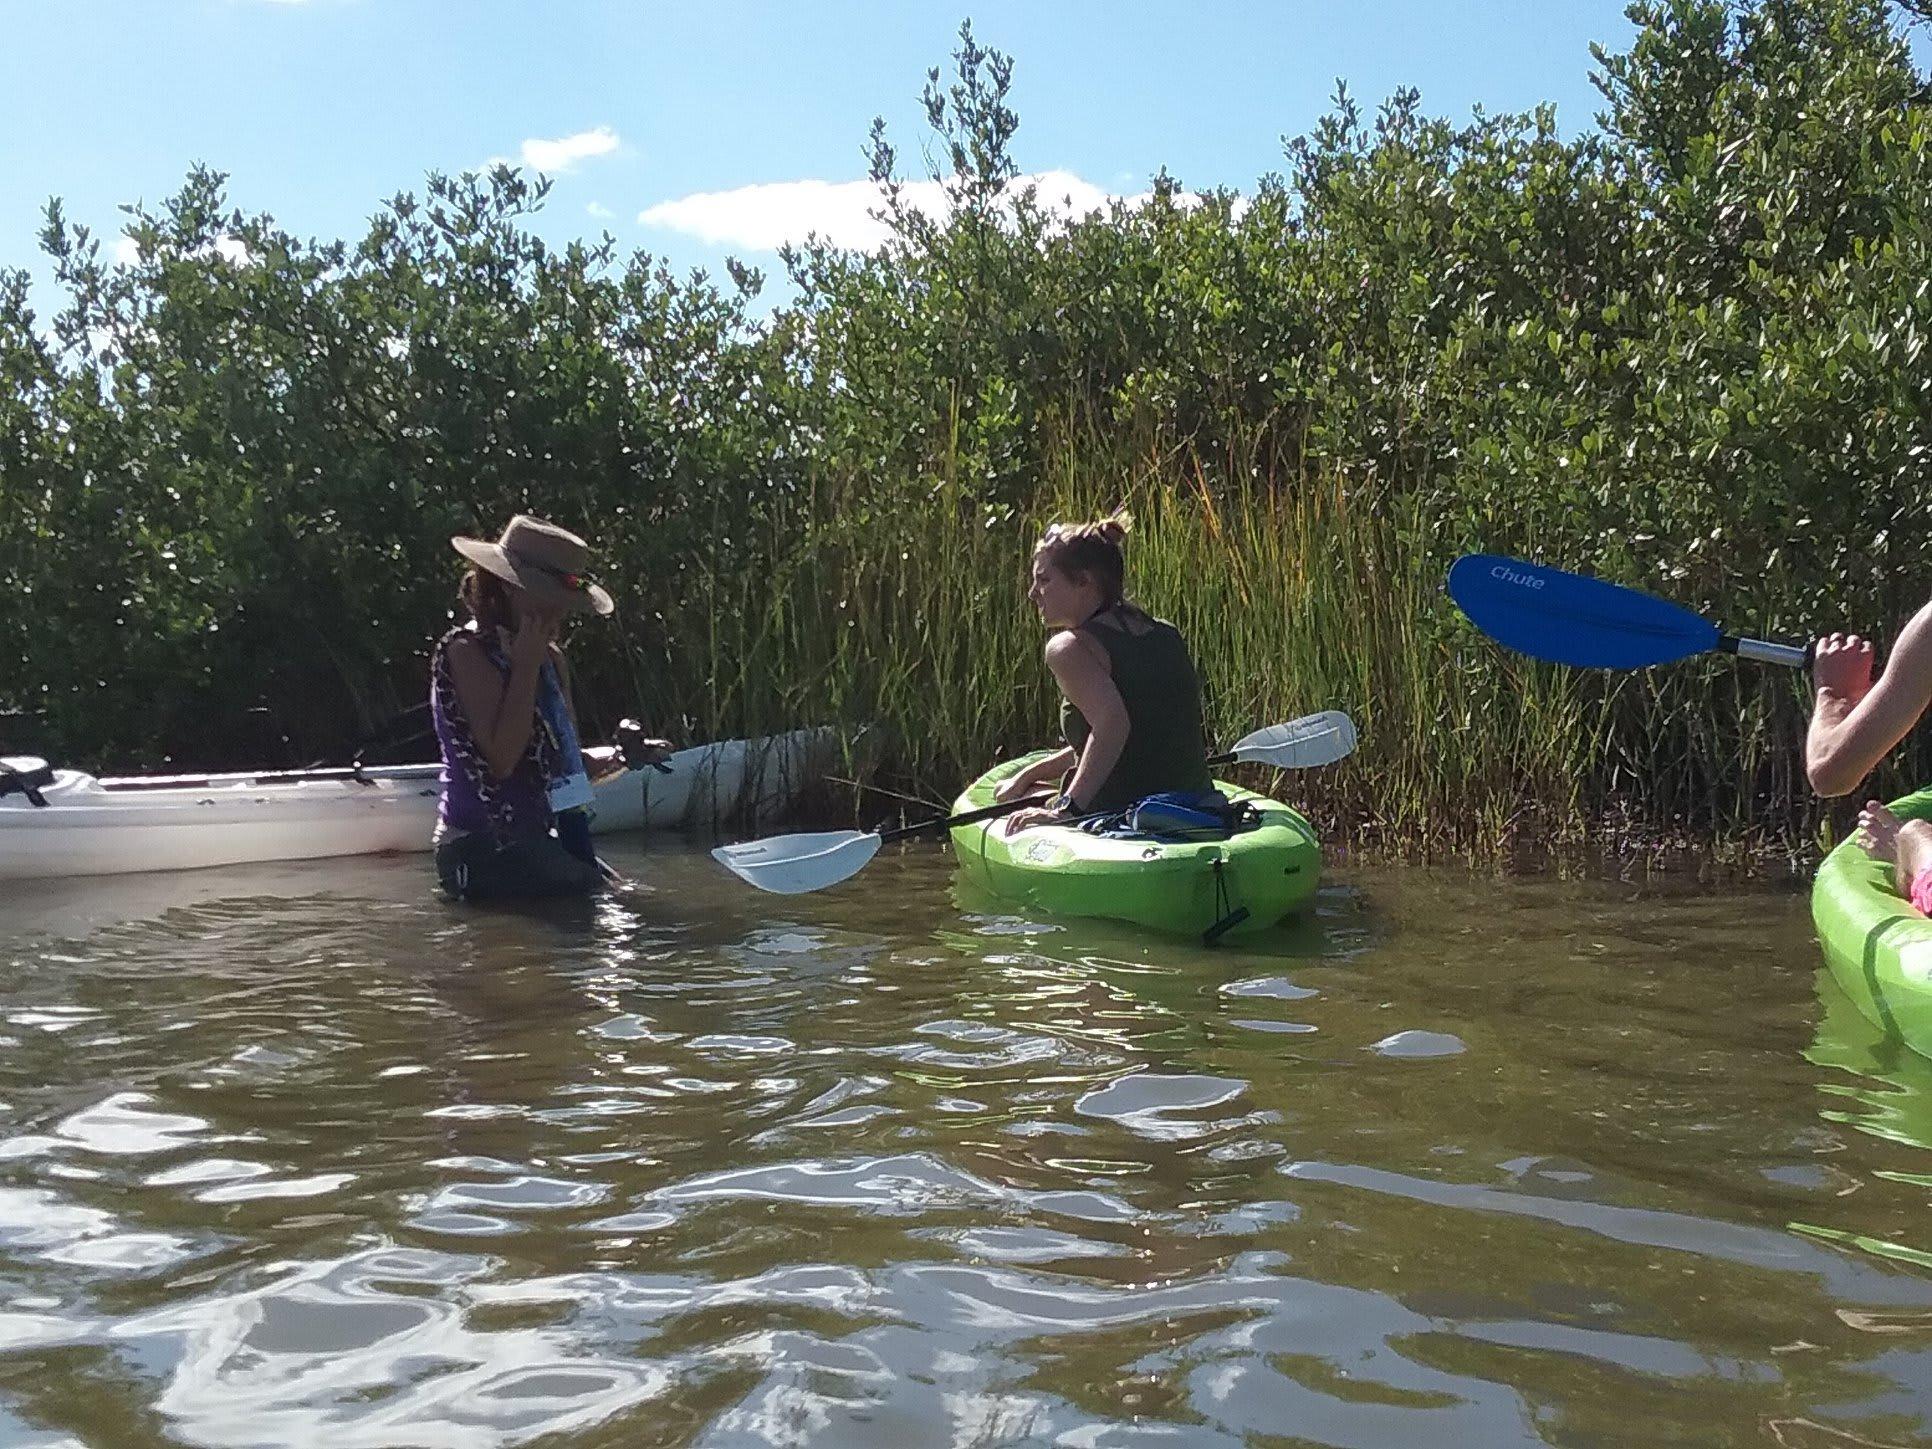 New Smyrna Beach Eco Tours